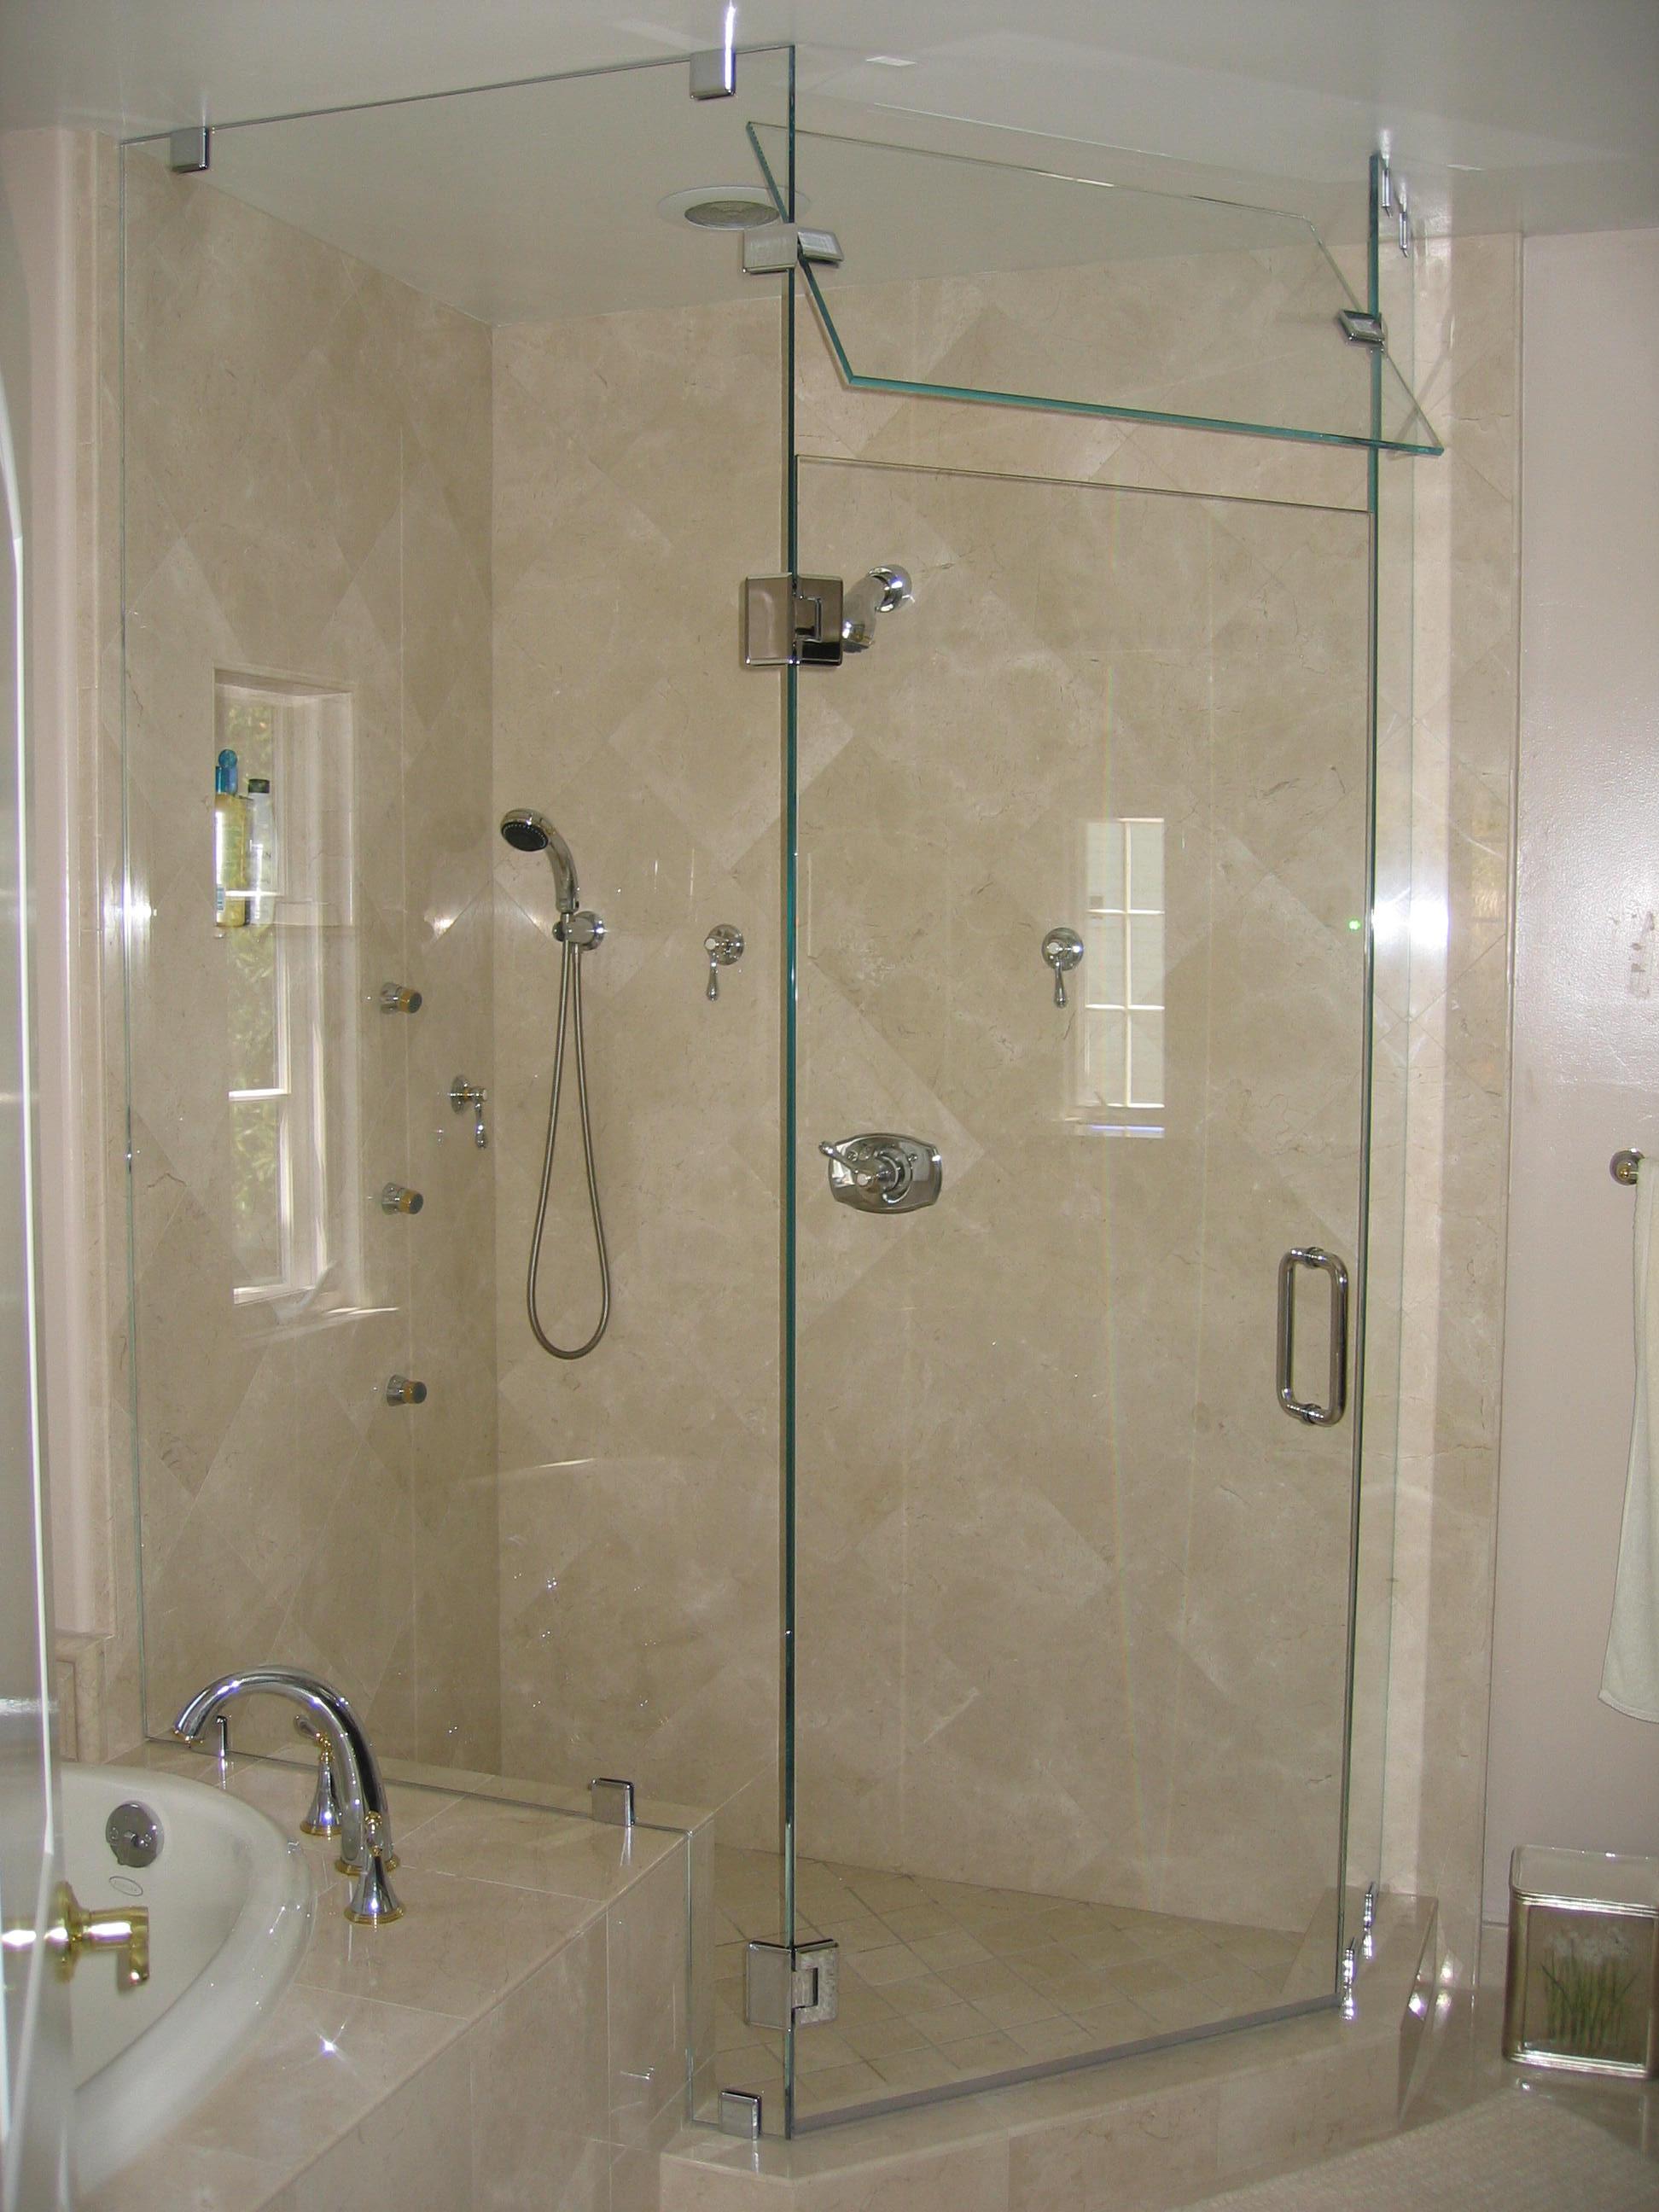 מפואר דלתות זכוכית למקלחת | מרכז אלמג'ד לזכוכית בצפון - מעל 30 שנה XX-83